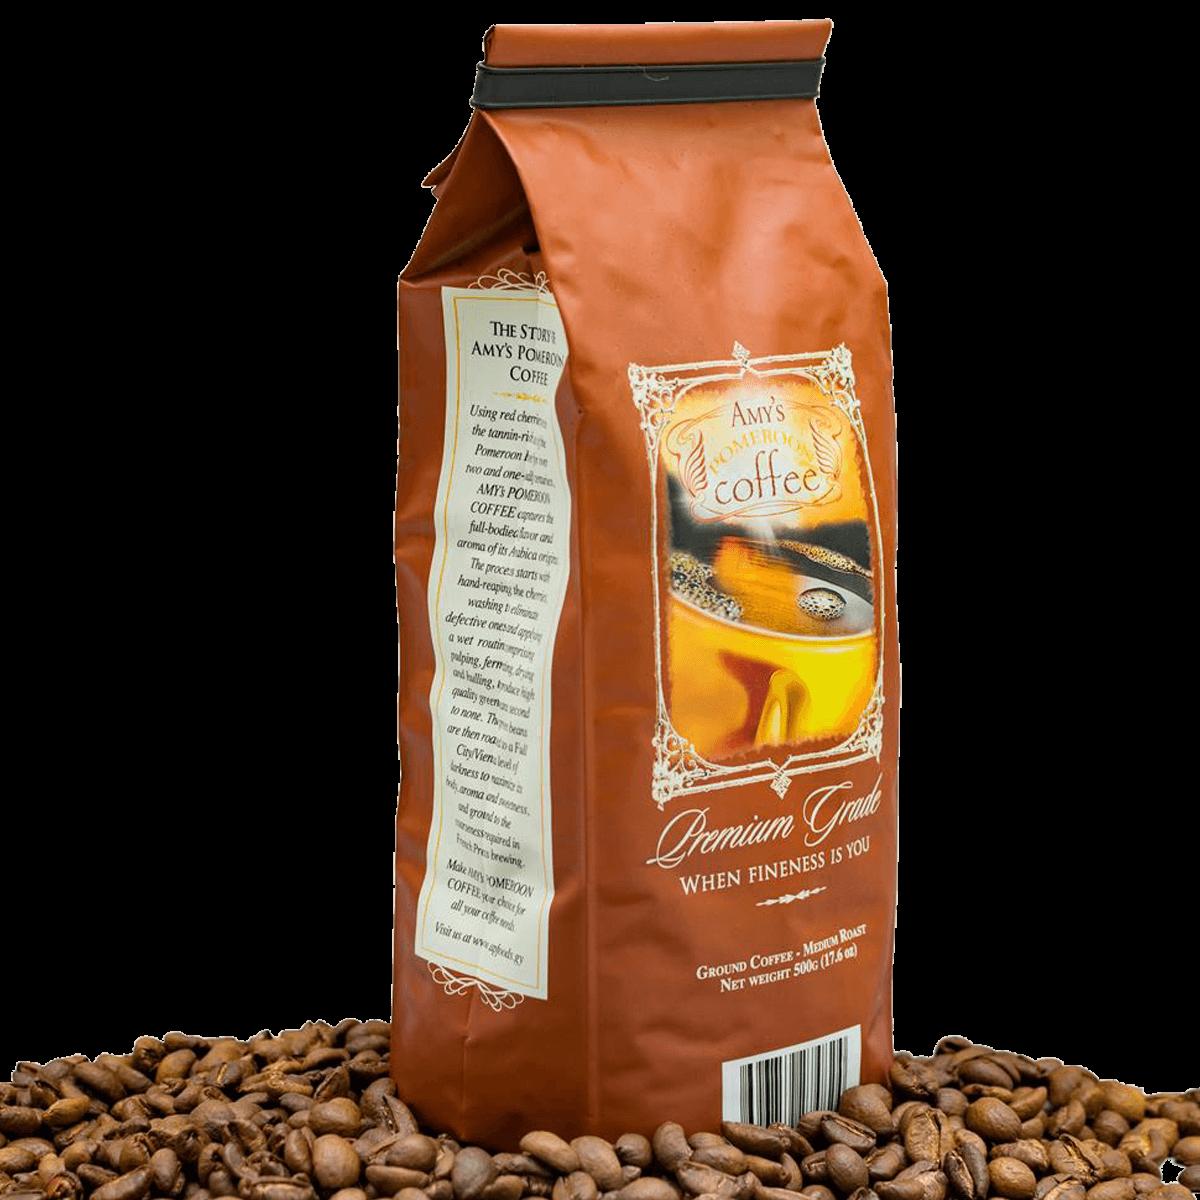 Amy's Pomeroon Coffee - Dark Roast